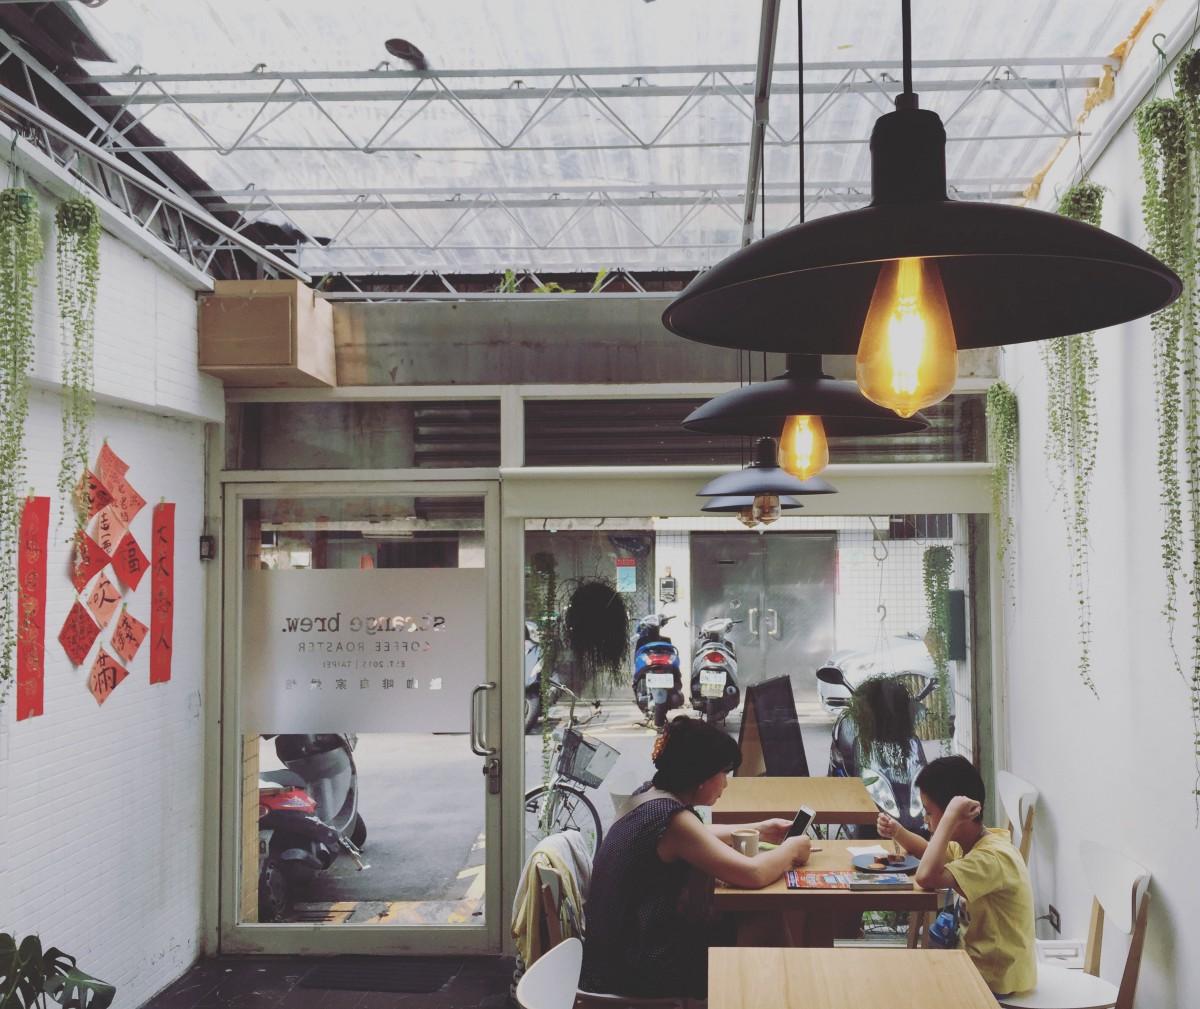 台北六張犁捷運站「 怪咖啡 」,在咖啡店遇見書法